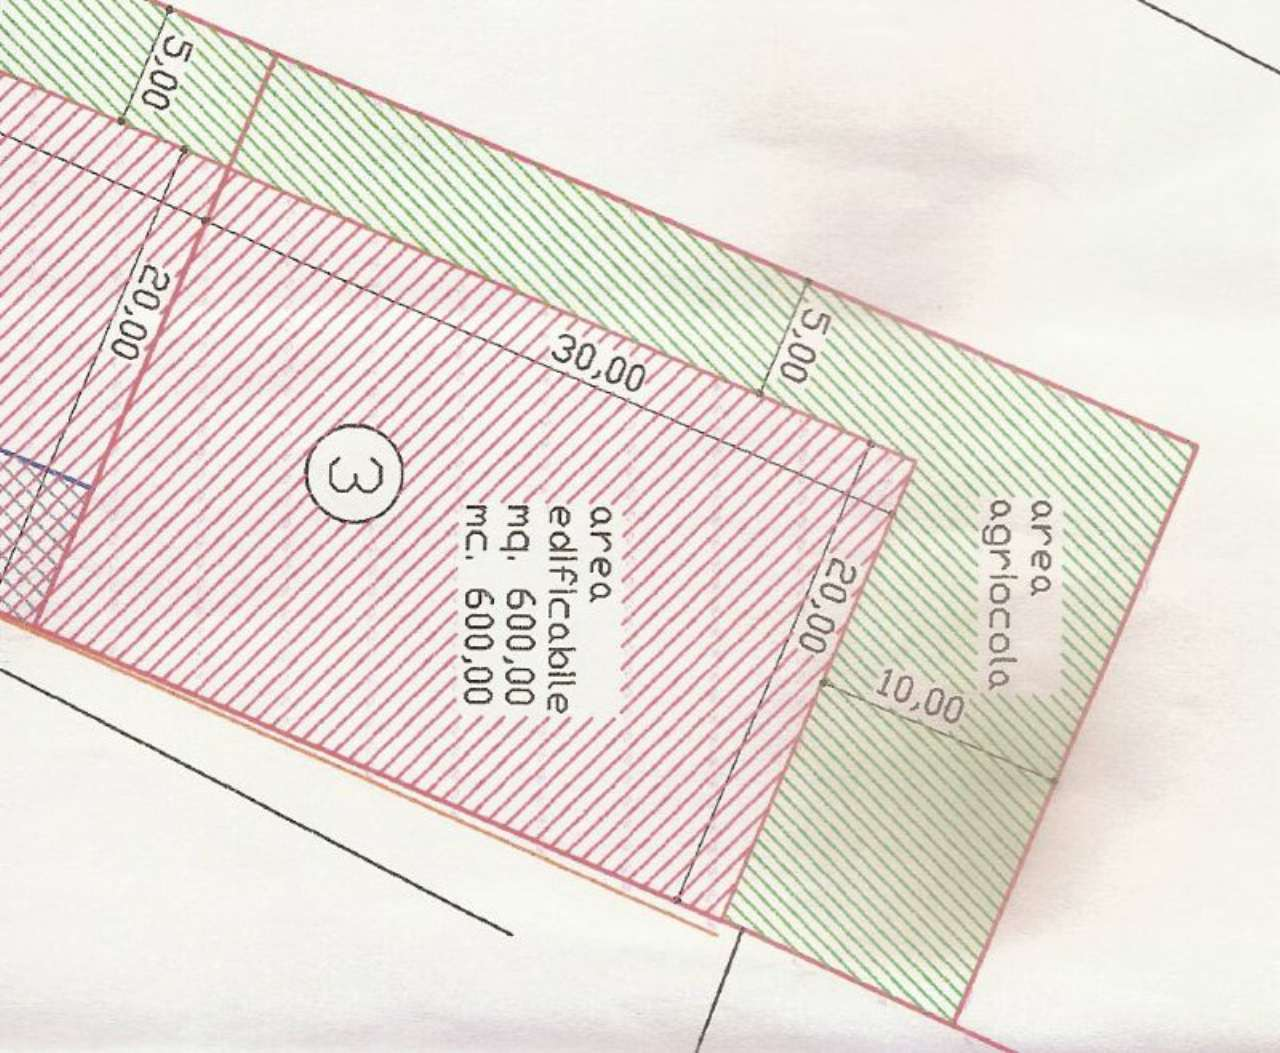 Terreno Edificabile Residenziale in vendita a Camponogara, 9999 locali, prezzo € 80.000 | Cambio Casa.it